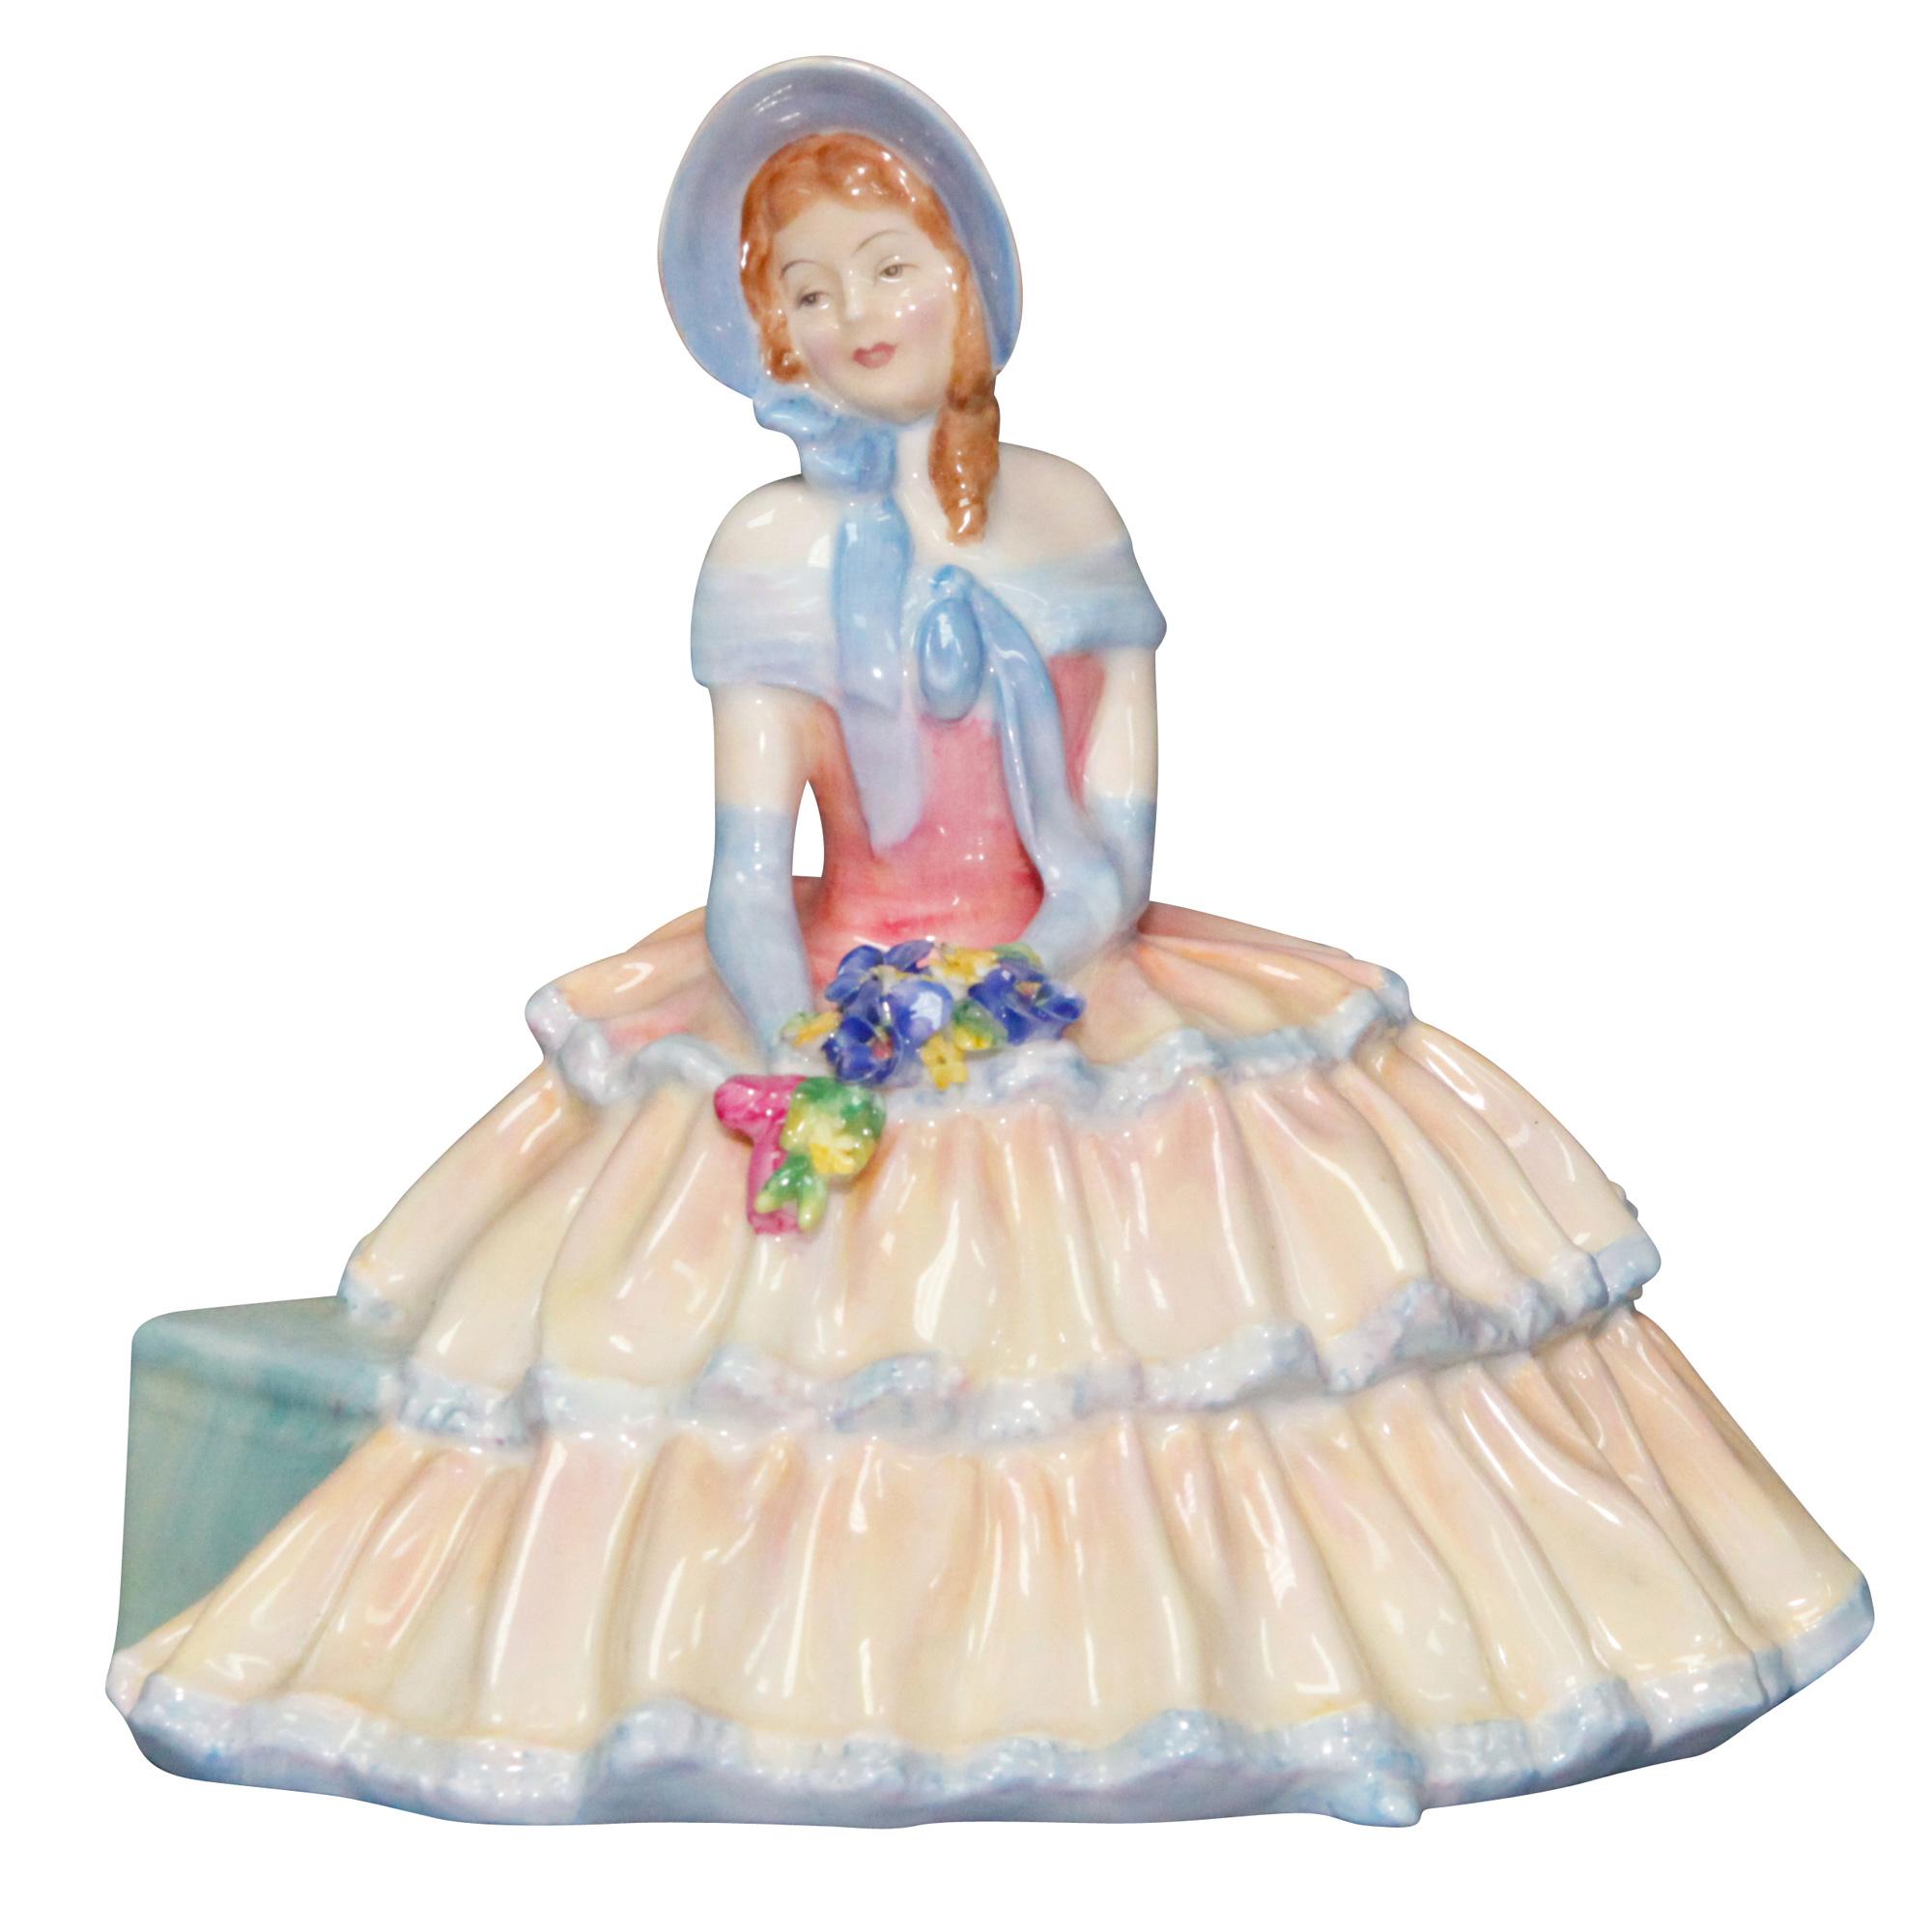 DaydreamsHN1944 - Royal Doulton Figurine